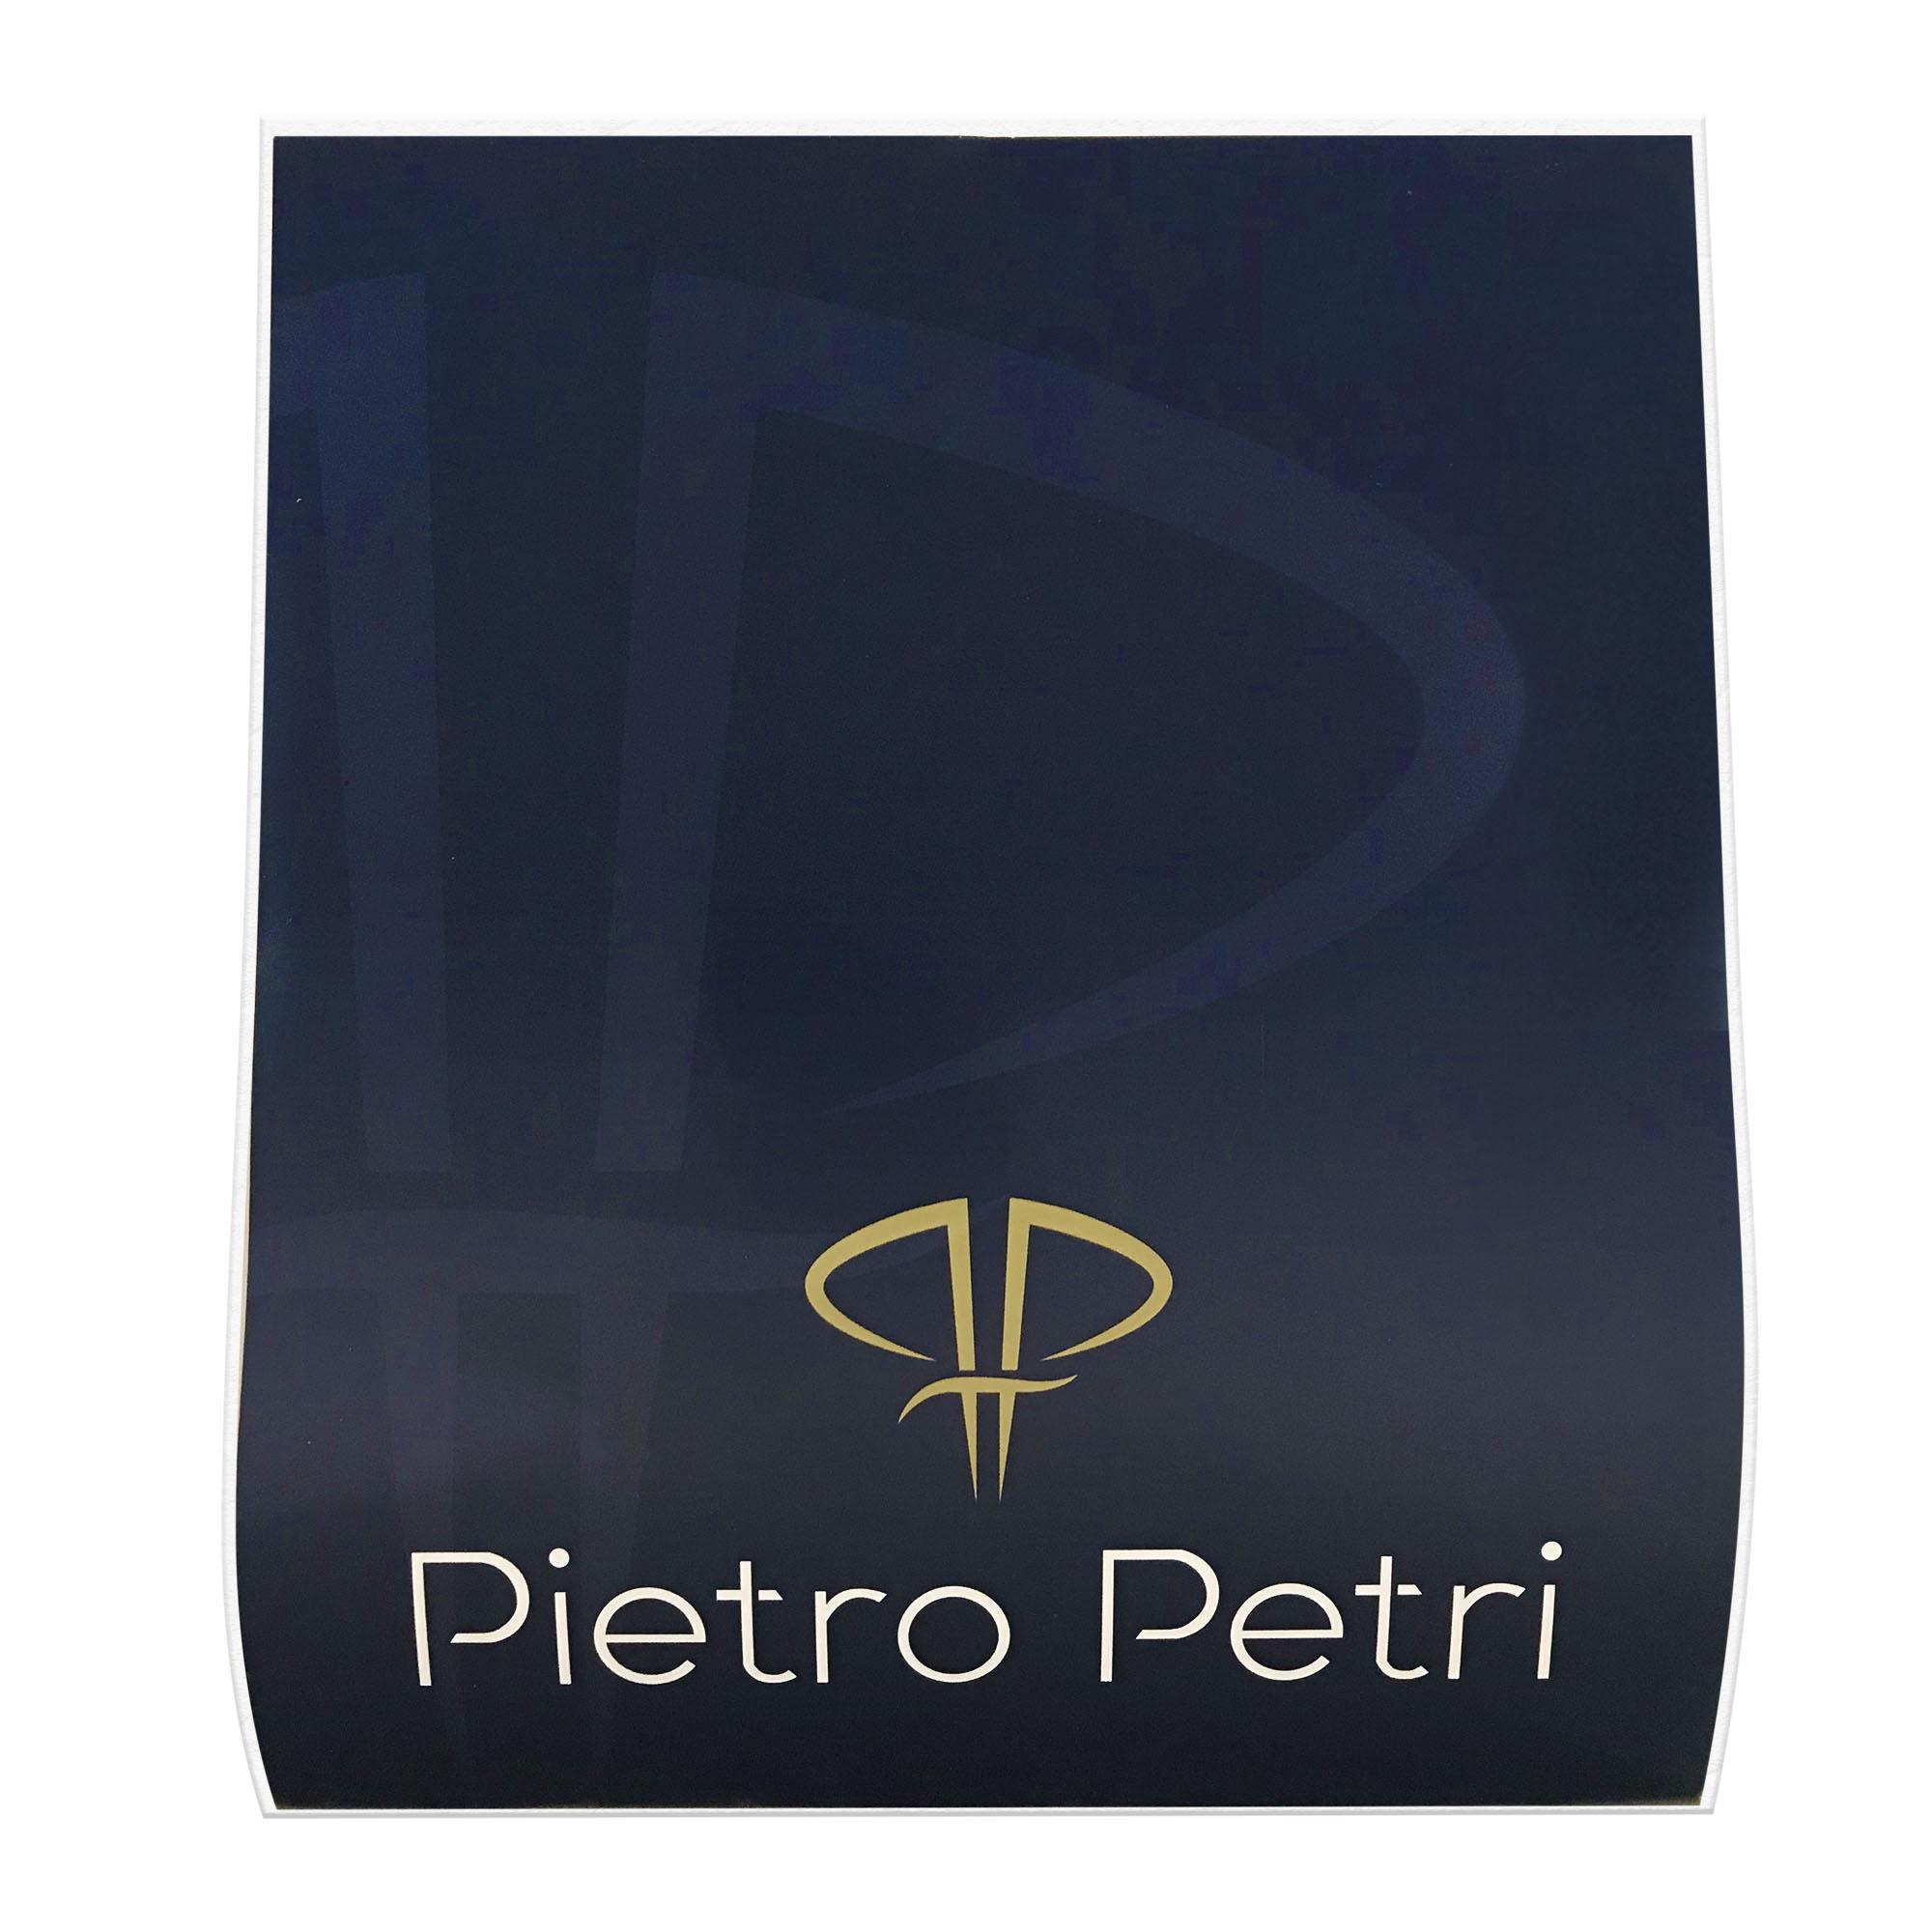 Cinta 3026 calção cirúrgica compressiva macaquinho Dr Pietro cós alto, recomendado para pós parto e cirurgias plásticas  - Cinta se Nova